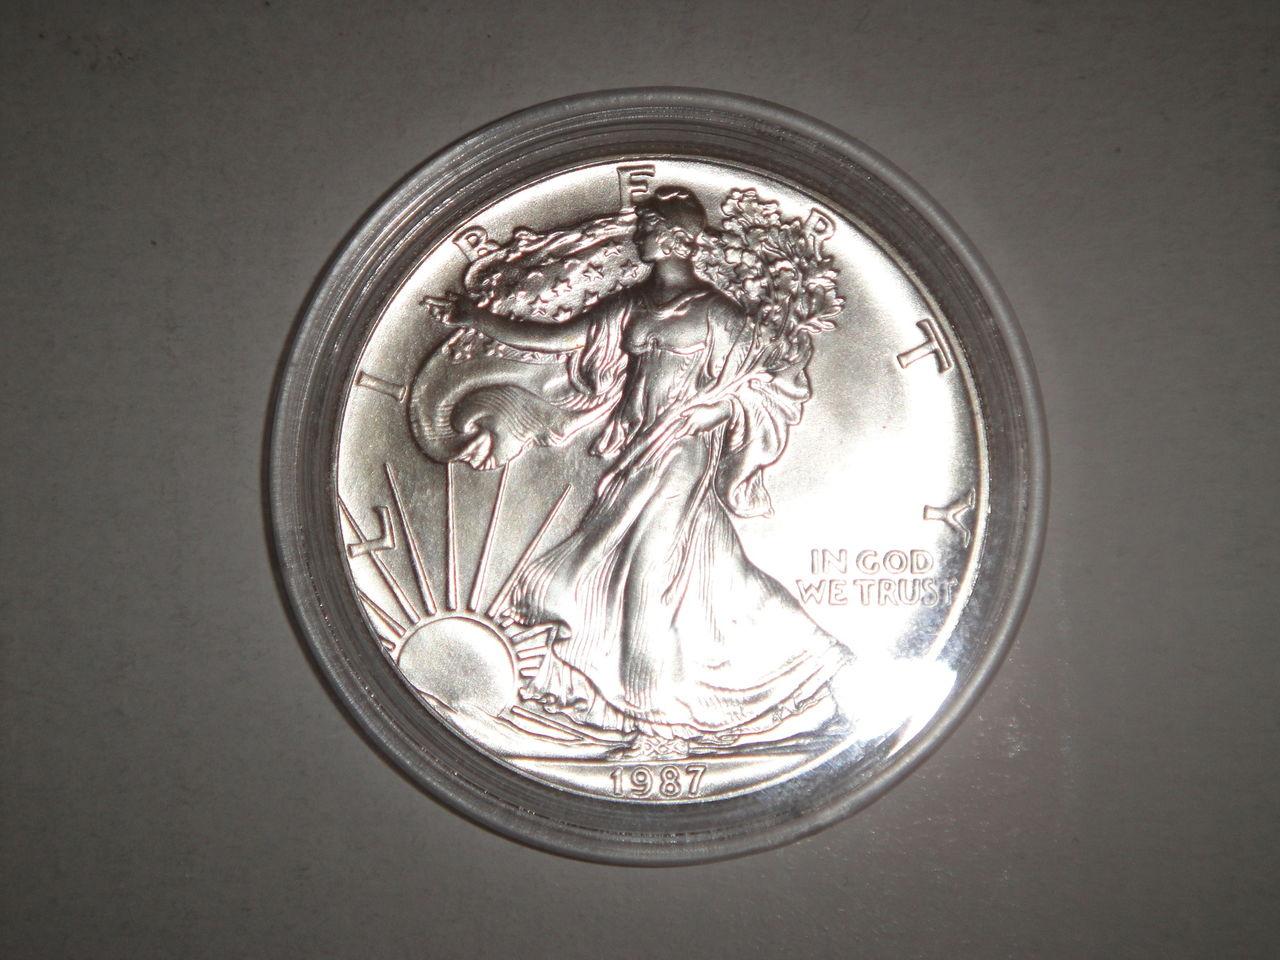 Ya comence mi coleccion de onzas de plata :) DSC02743